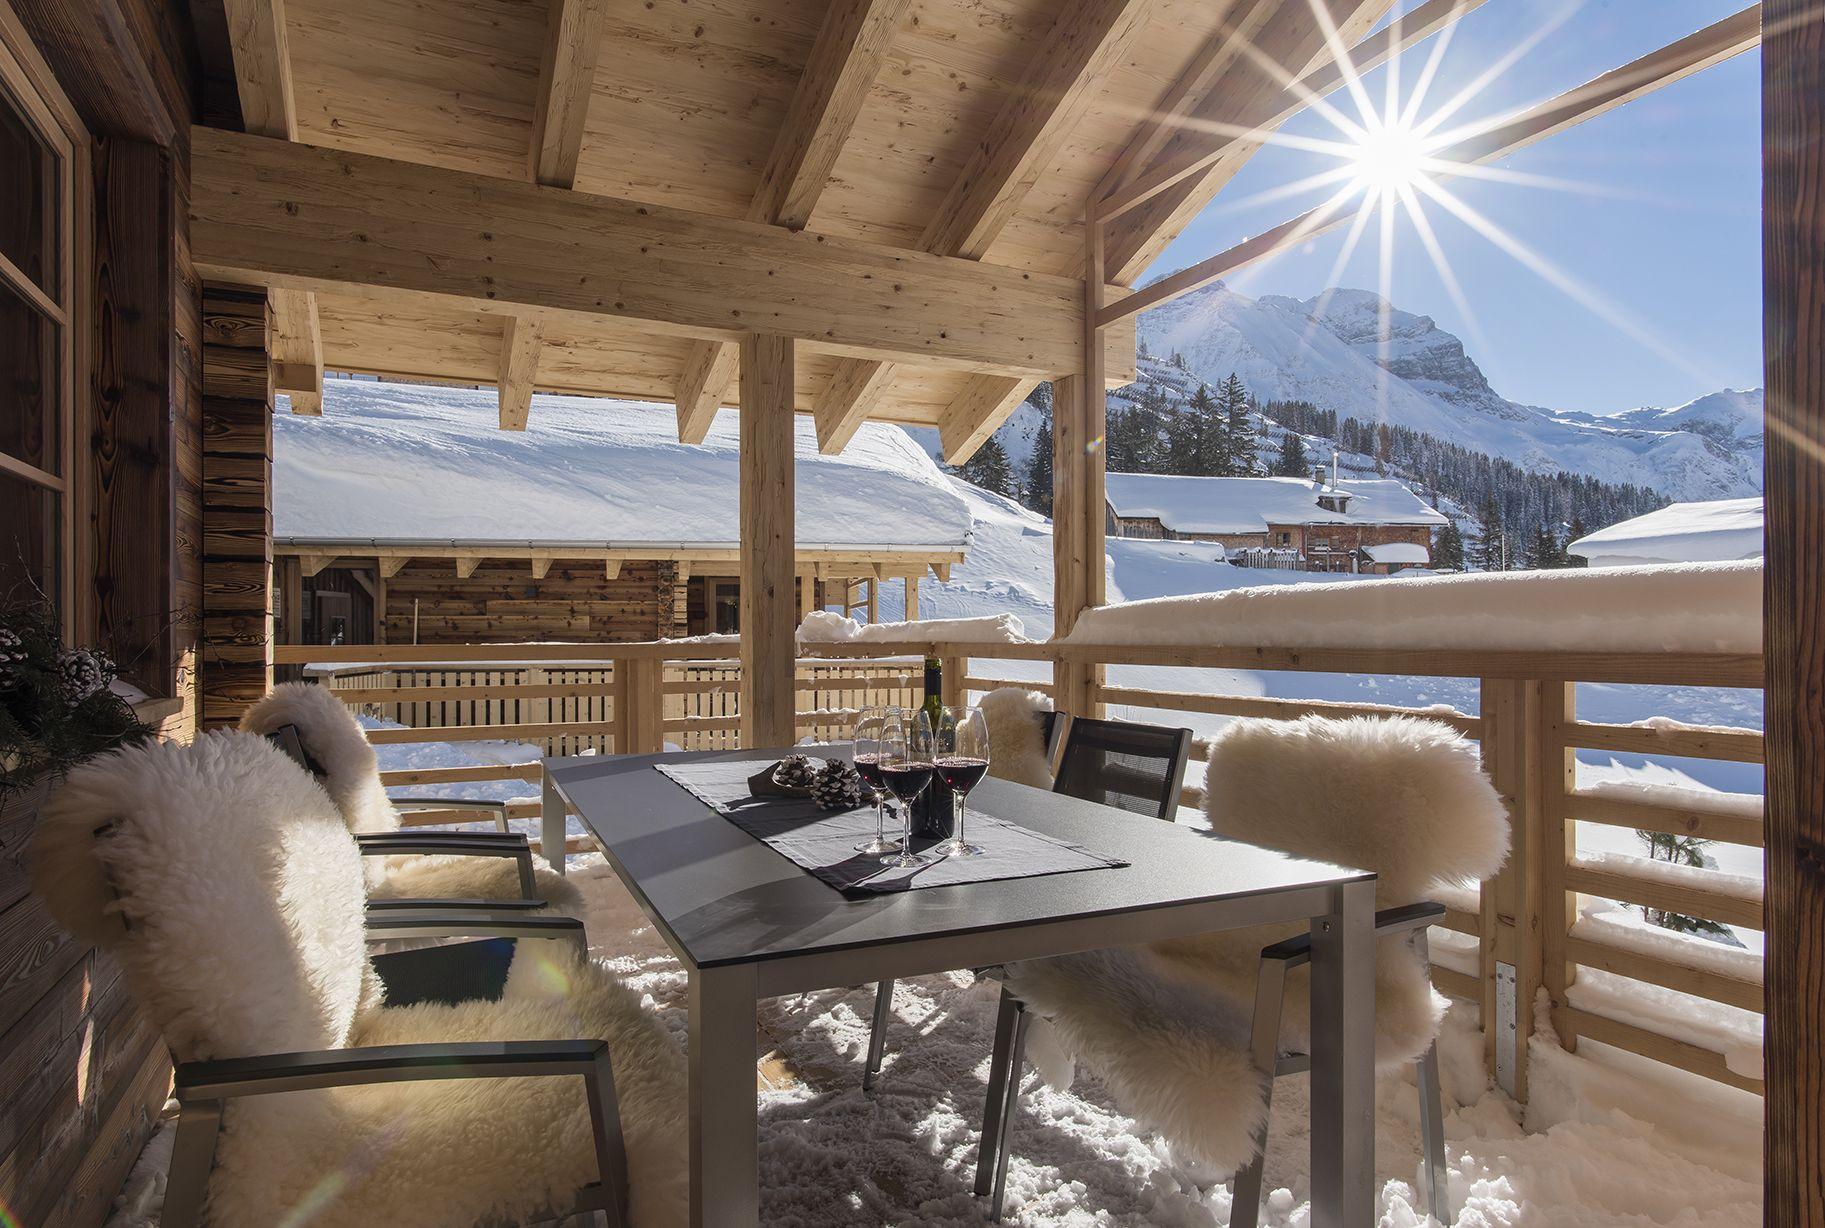 Ausklang auf der Terrasse. Aadla Walser Chalets am Arlberg   Die ...